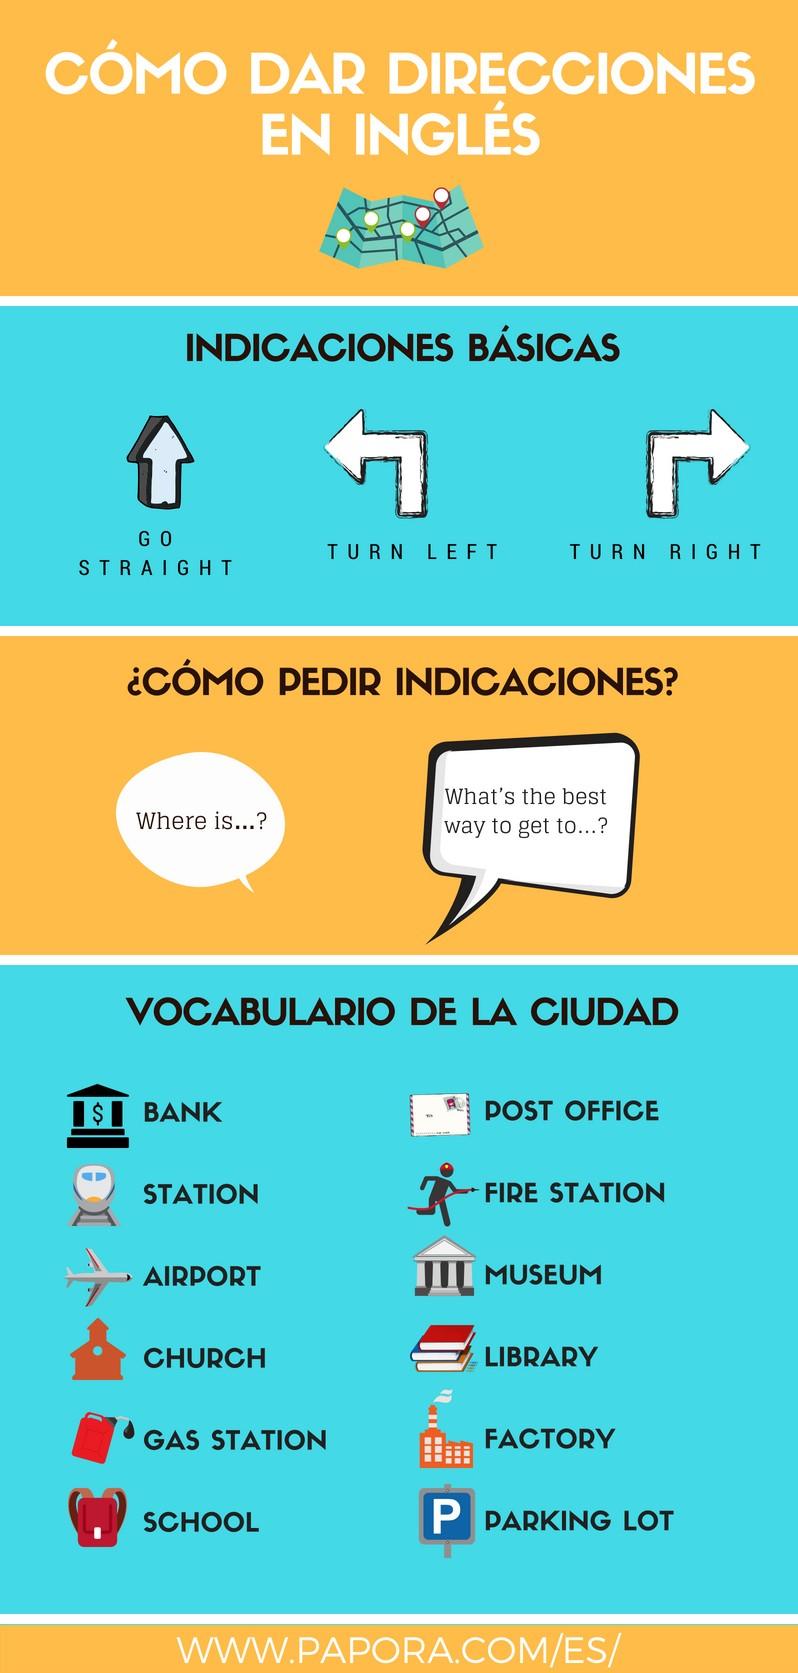 Como Dar Direcciones En Ingles Papora